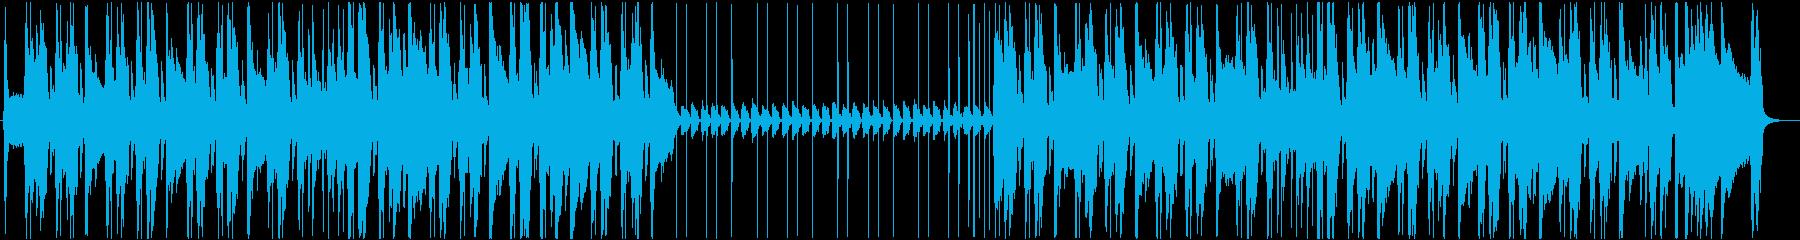 スタイリッシュなアコースティックギターの再生済みの波形